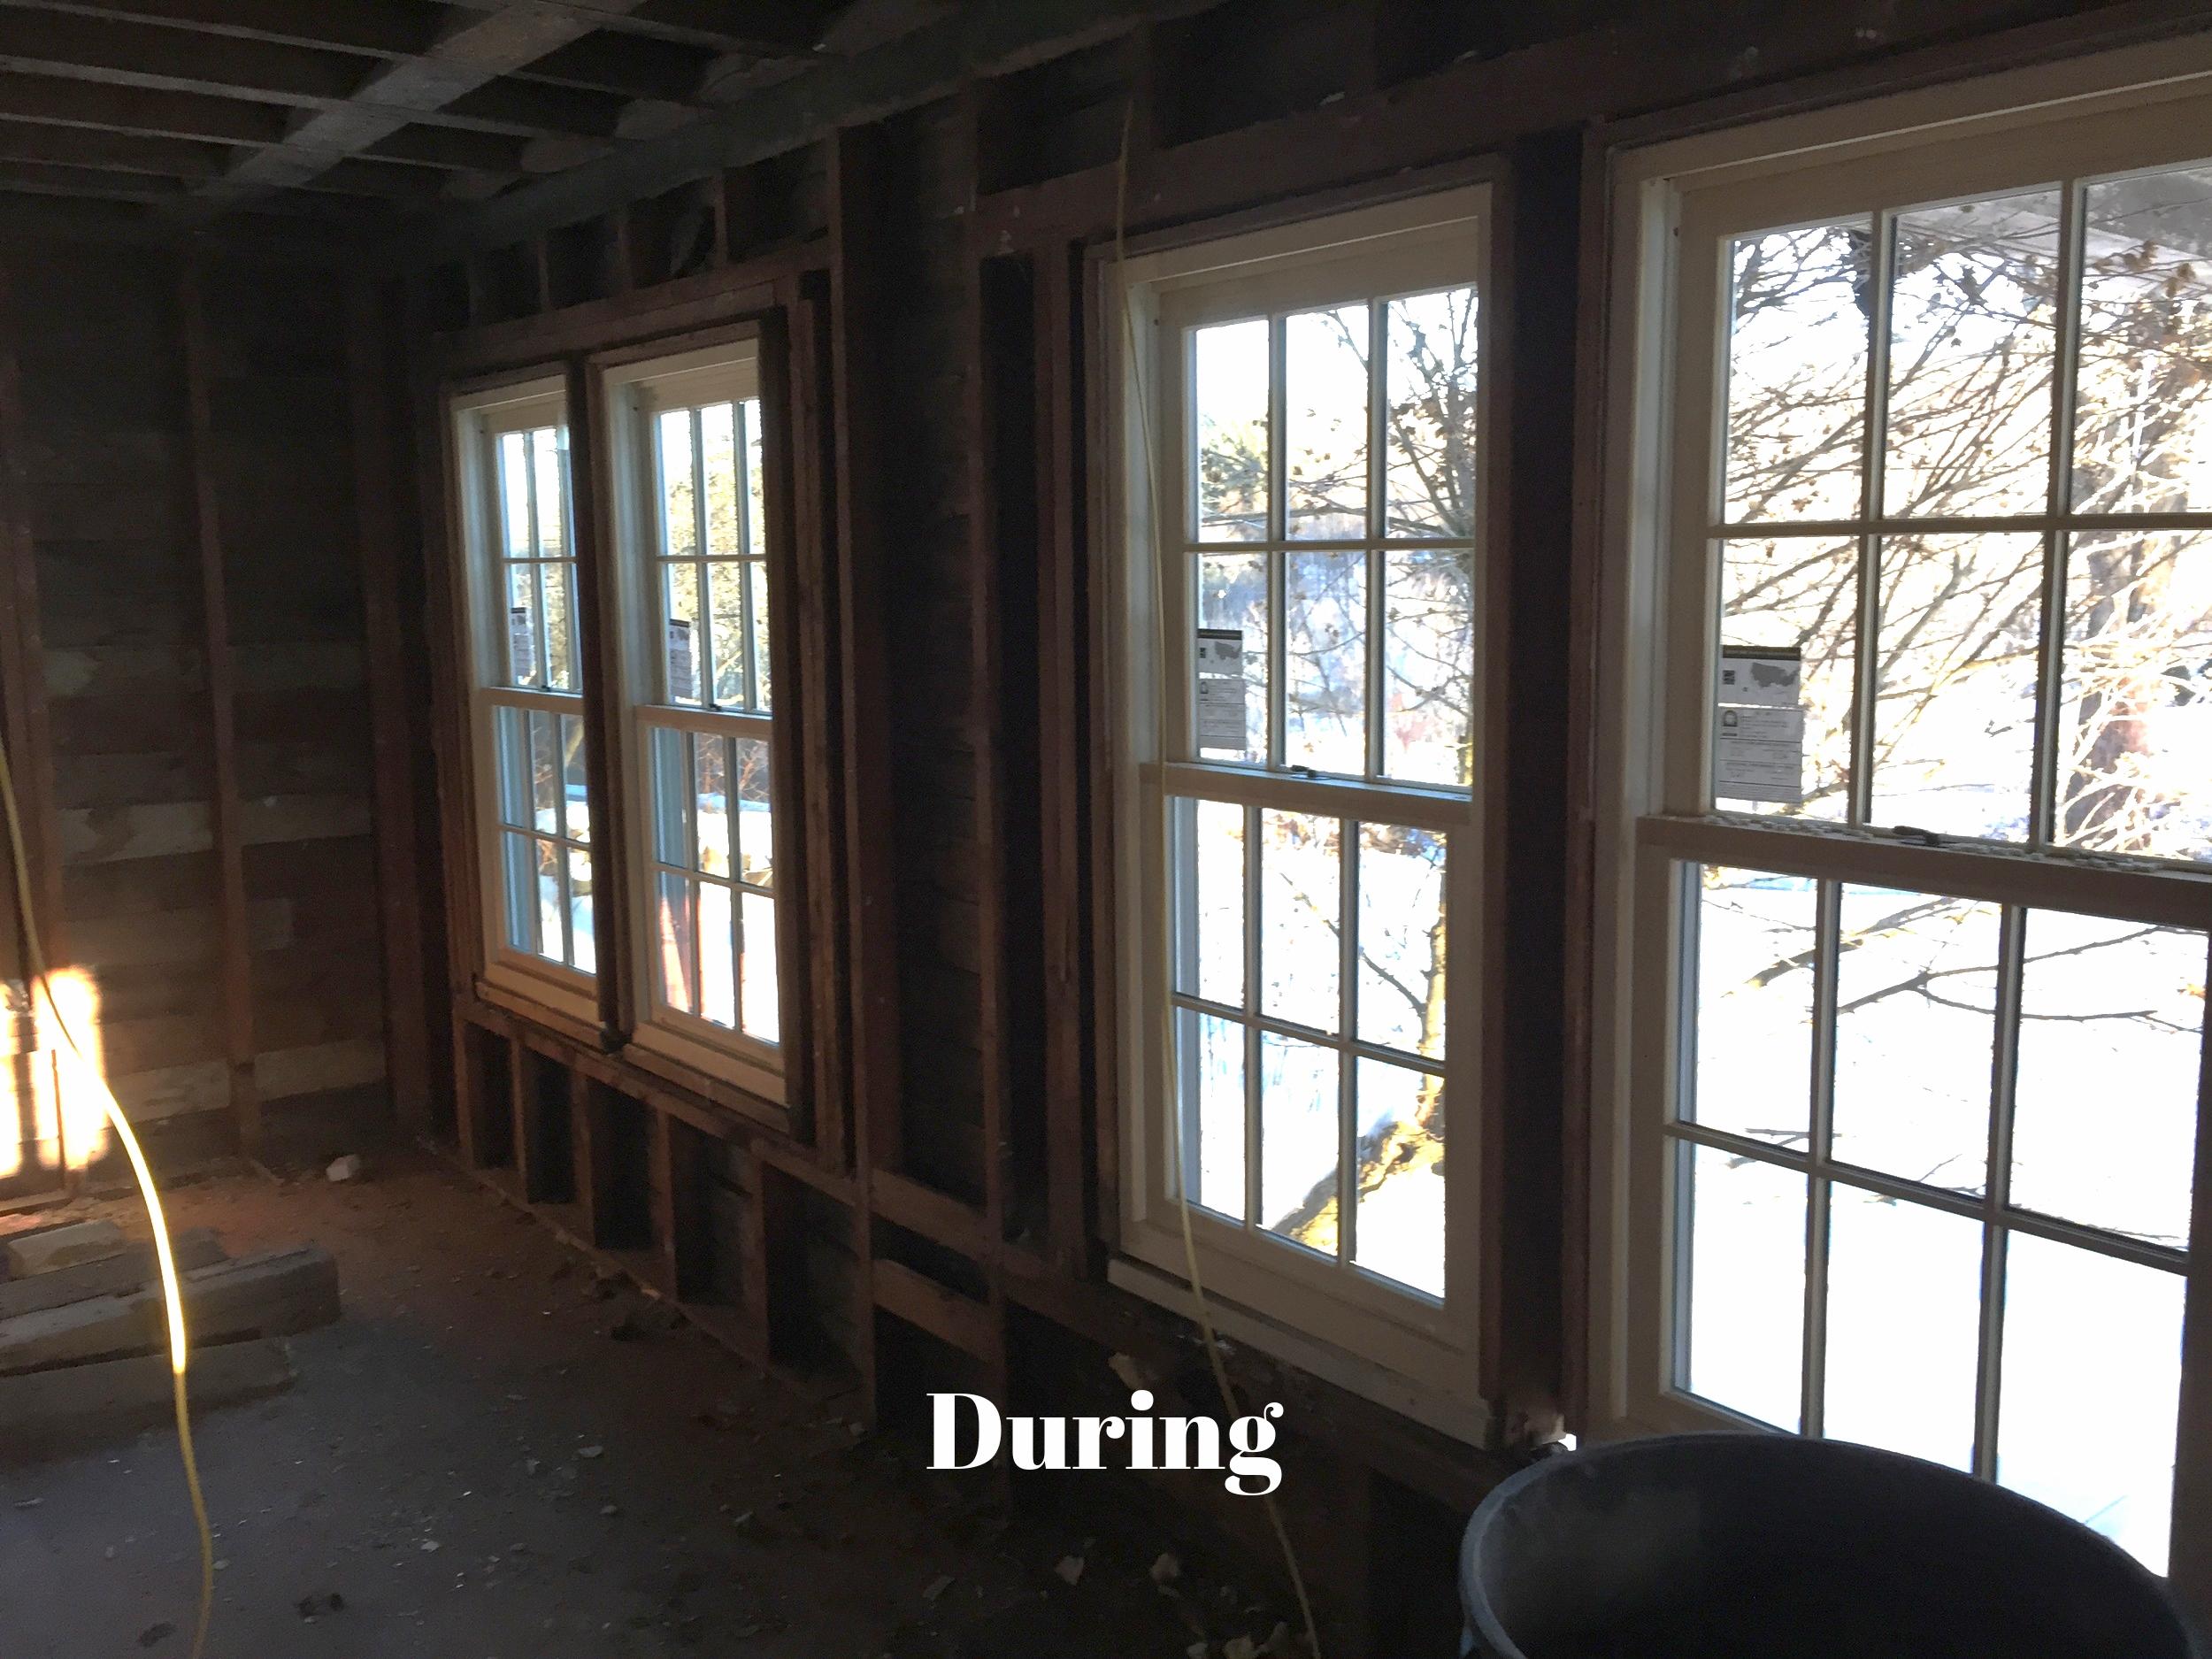 Living Room During 4.jpg